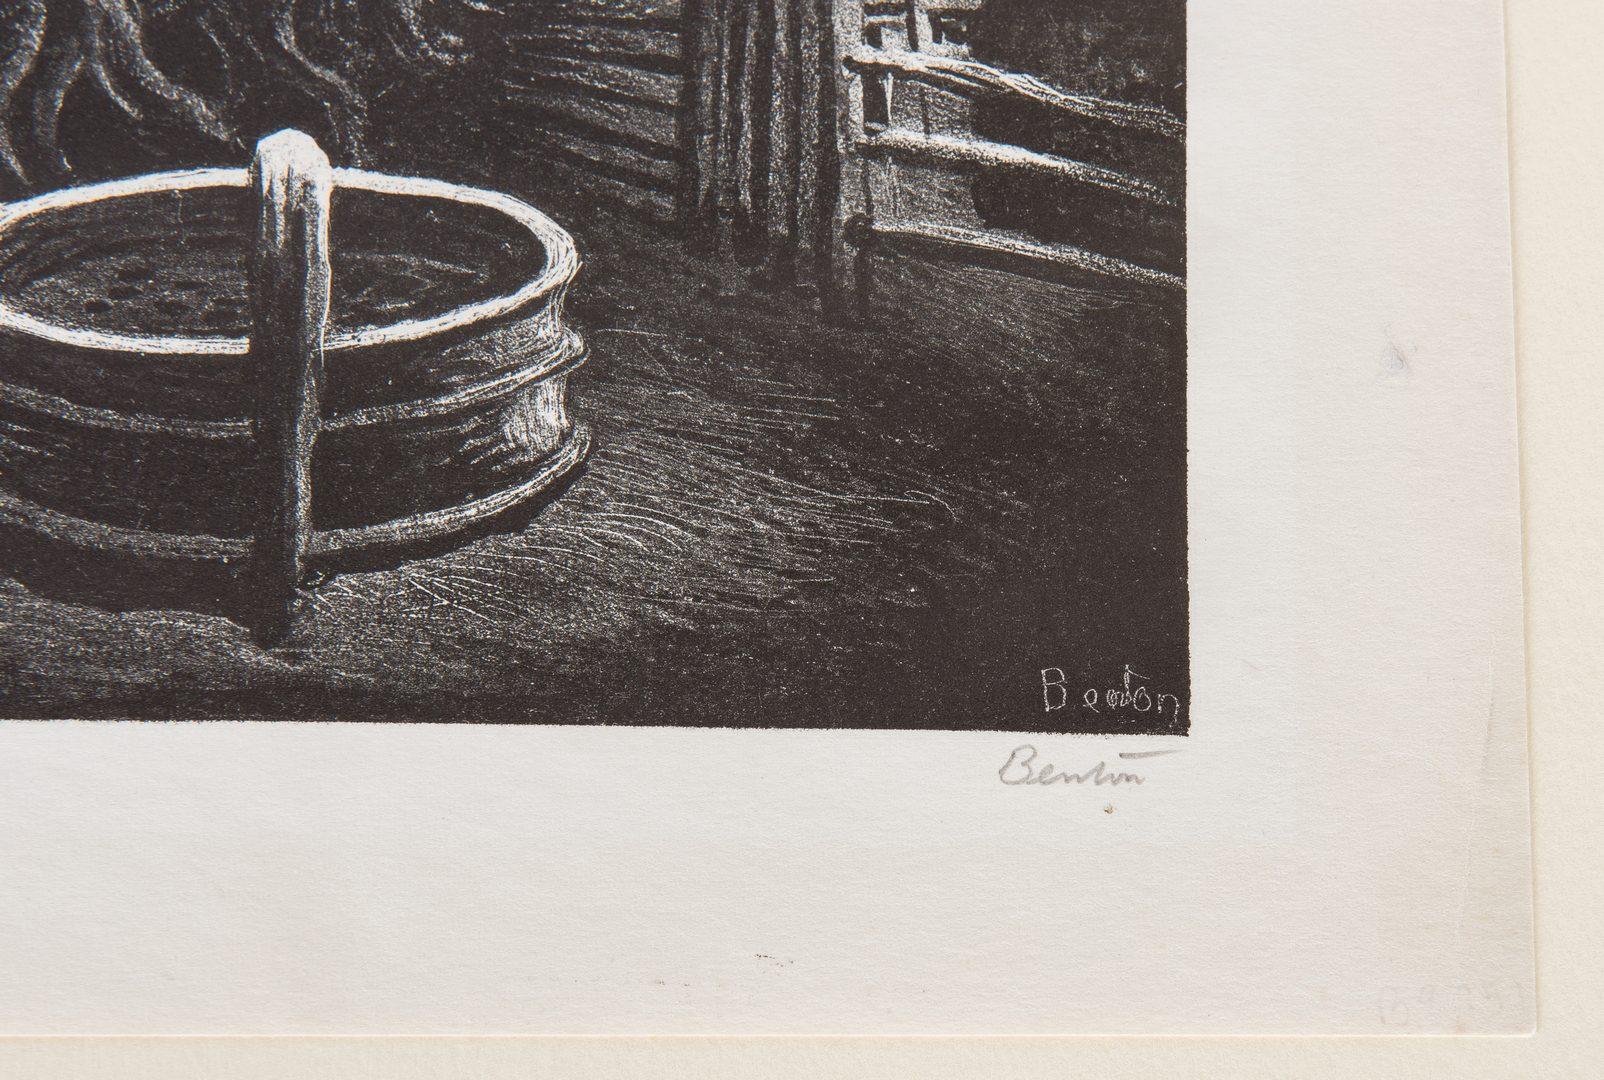 Lot 218: Thomas Hart Benton Lithograph, The Corral